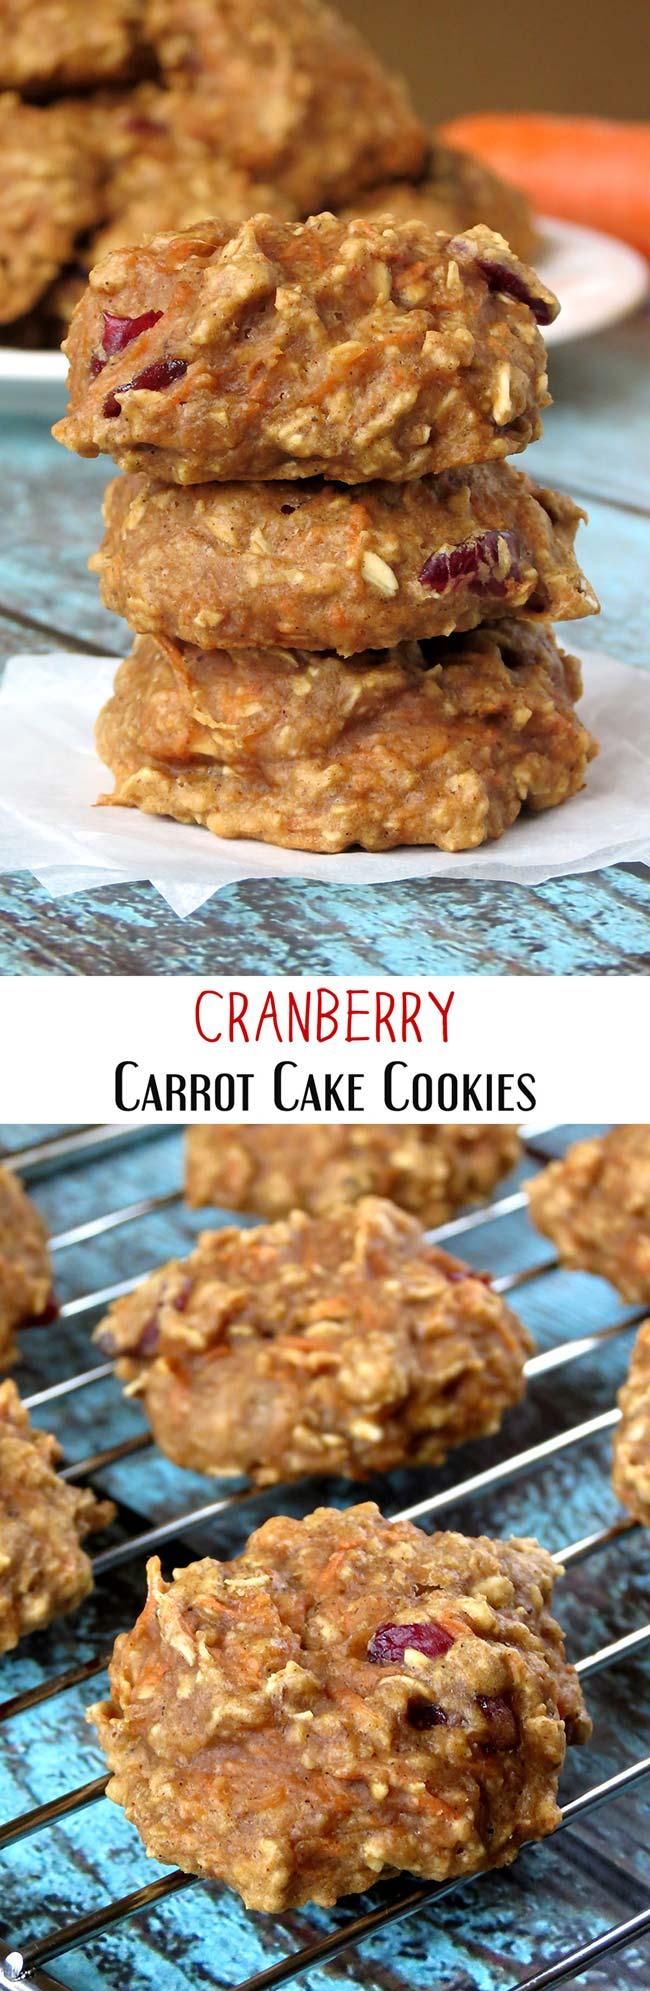 Cranberry Carrot Cake Cookies | yummyaddiction.com